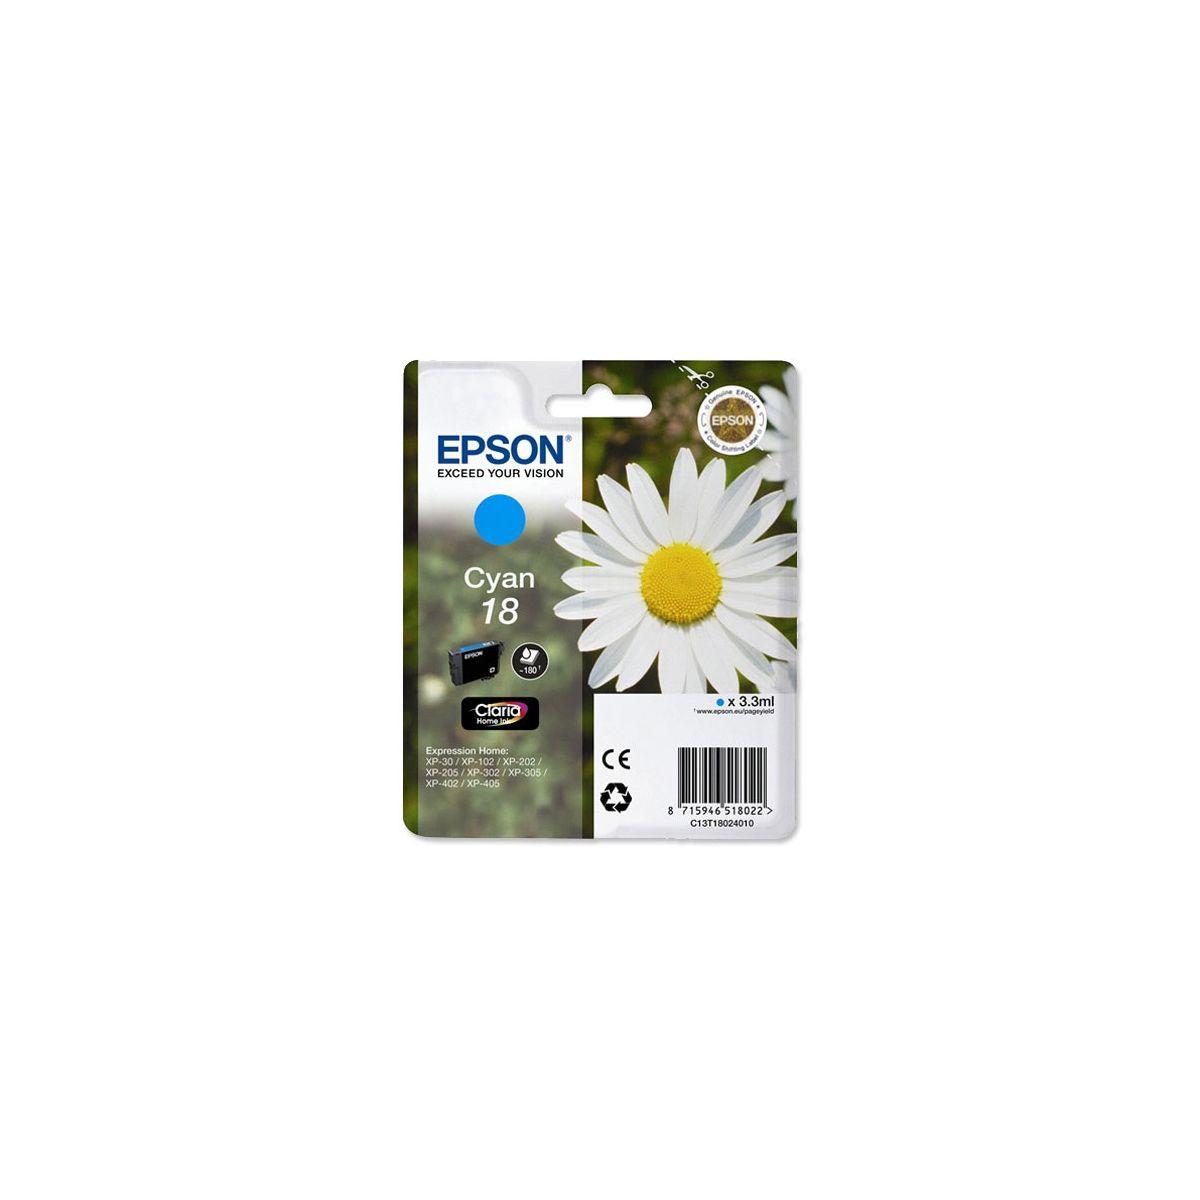 Cartouche d'encre epson t1802 cyan série paquerette - produit coup de coeur webdistrib.com !